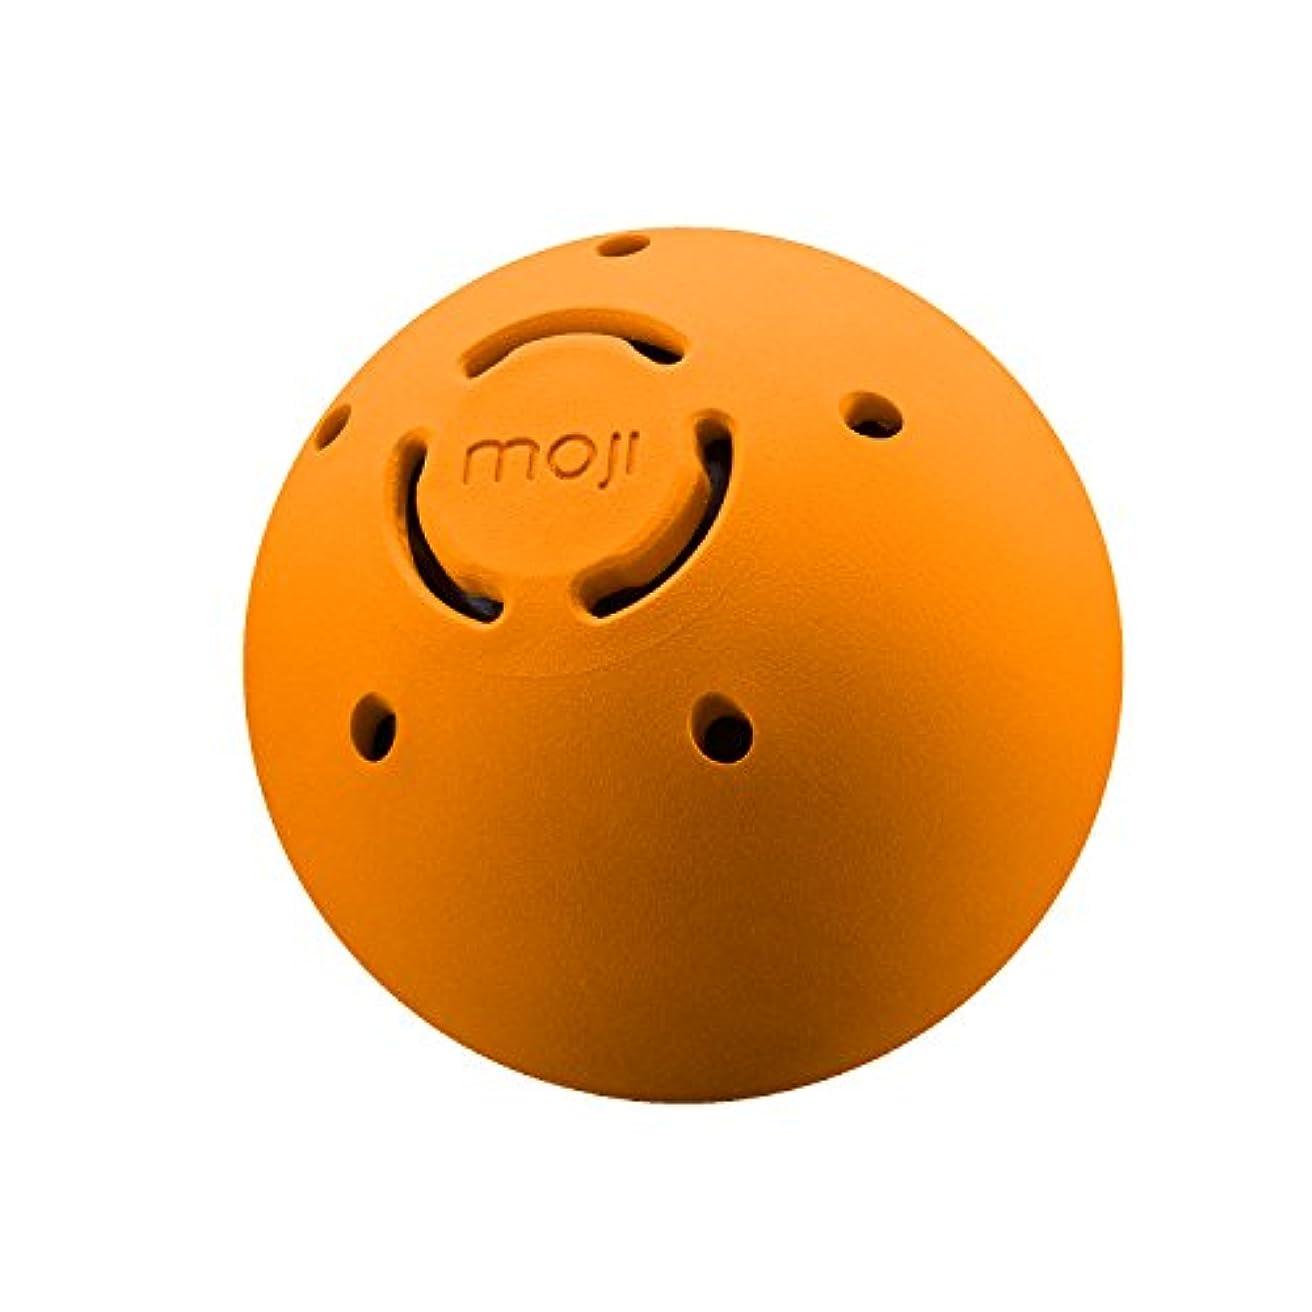 行方不明高層ビル本部温熱 マッサージボール 筋肉の痛み 筋肉をほぐす 血流促進 MojiHeat Massage Ball (Large)